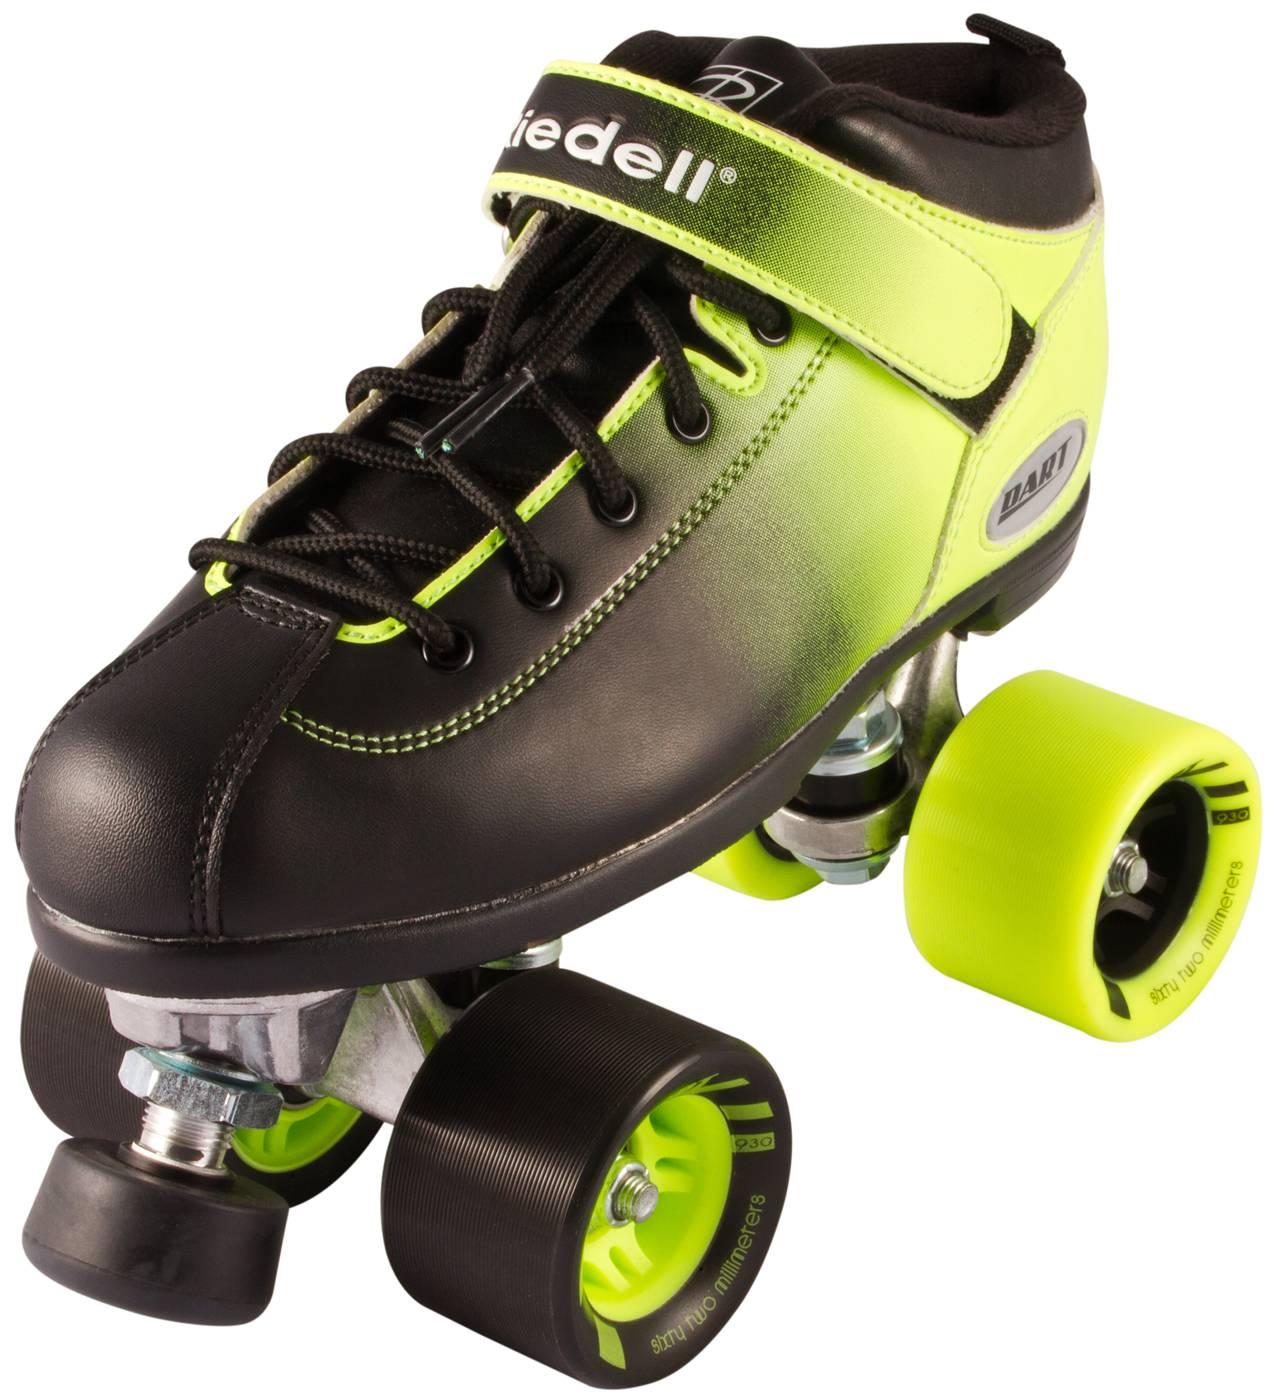 Roller skate shoes penang -  Riedell Dart Ombre Adult Roller Skates